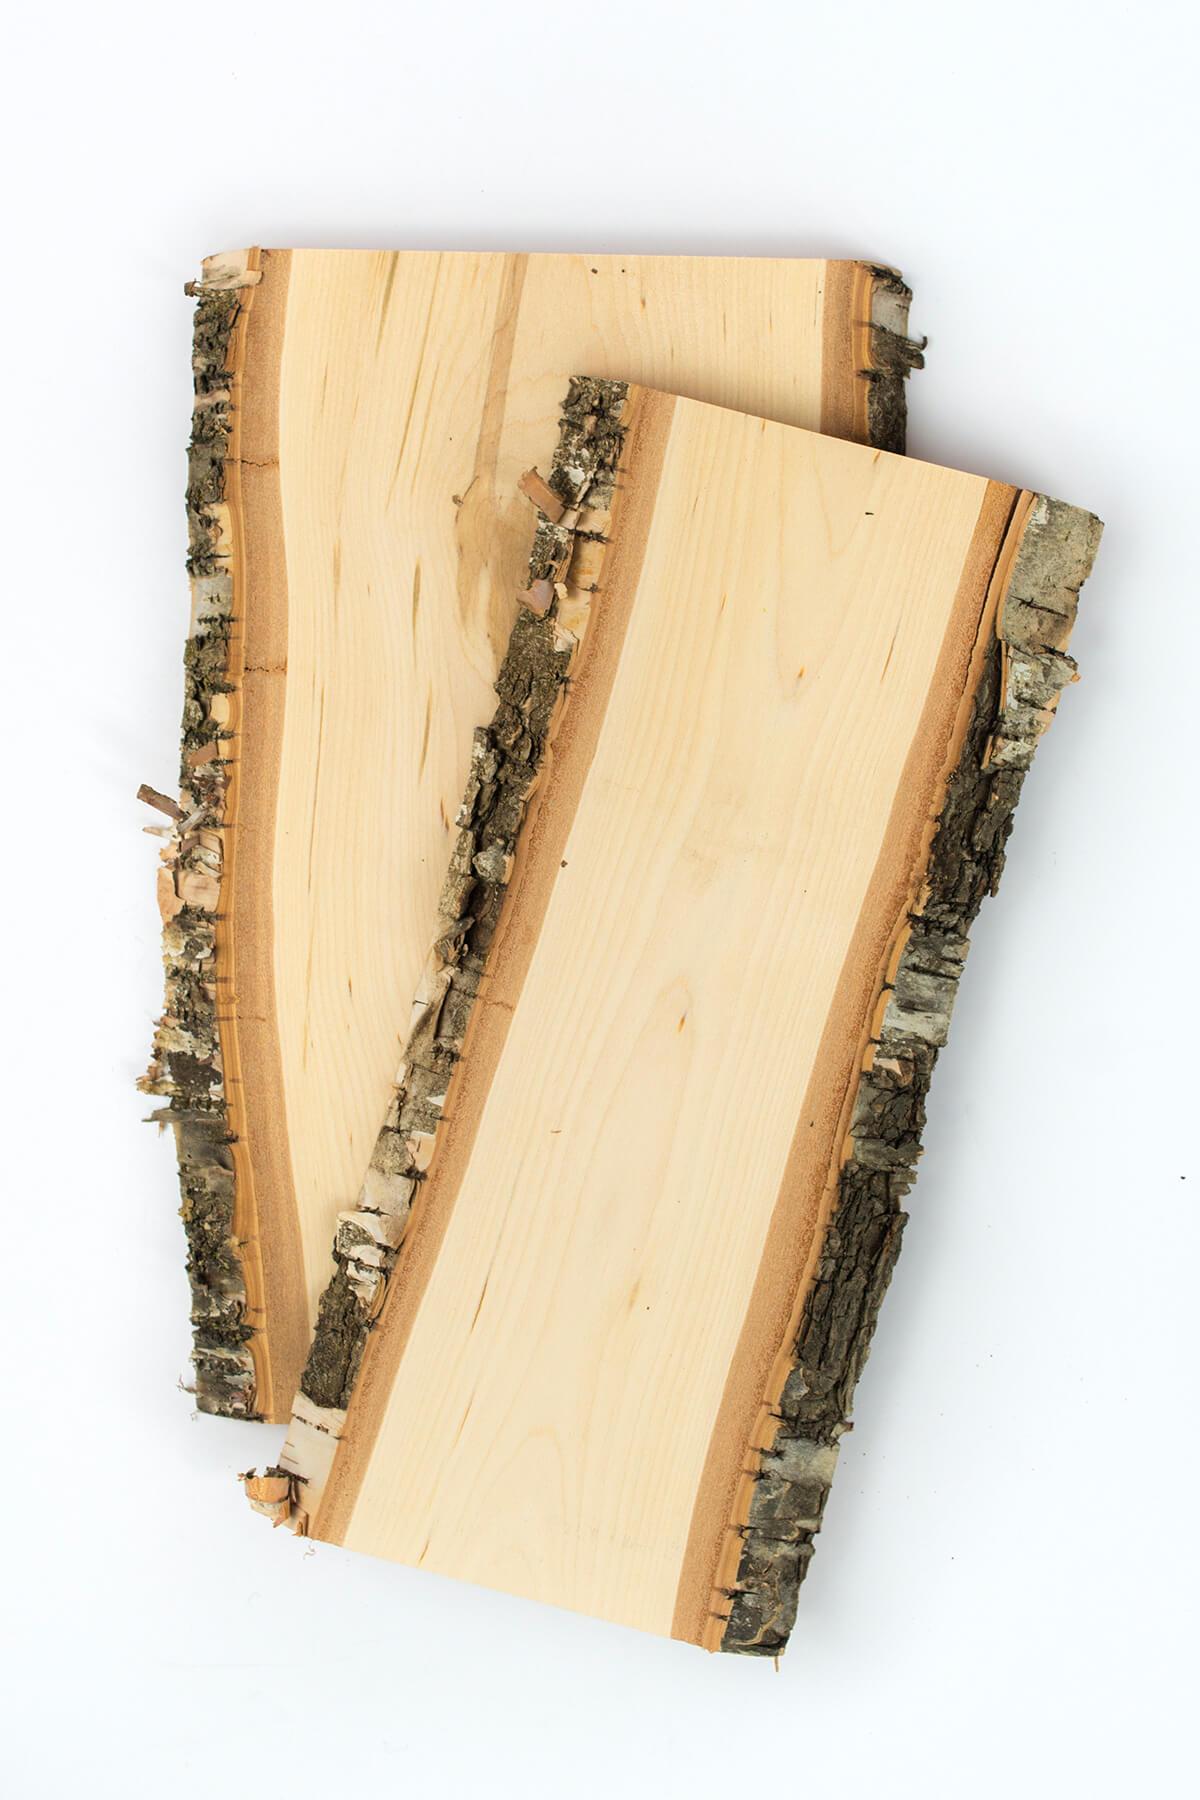 Birch wood planks in wide